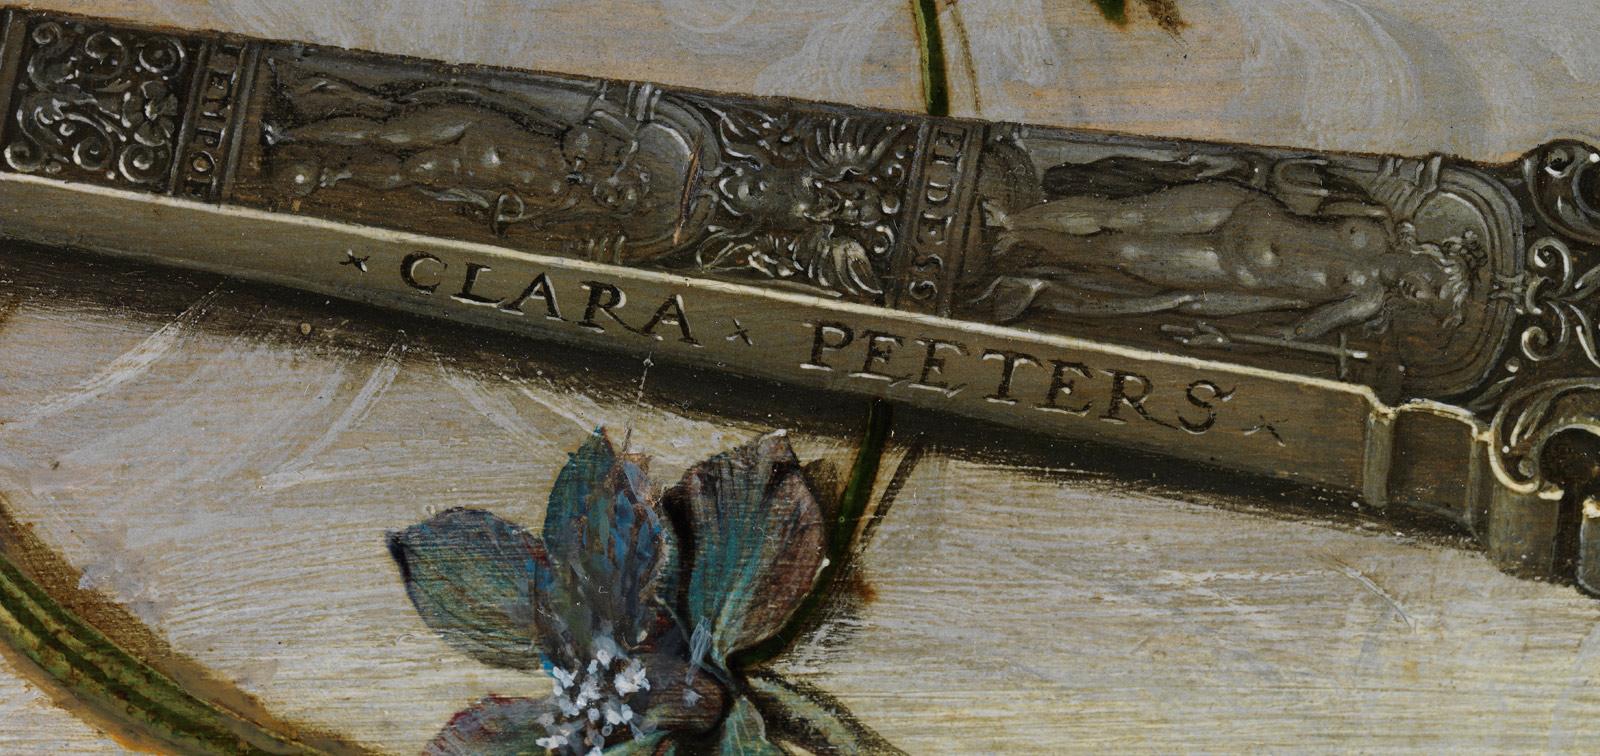 Cultura artística y mujeres en tiempos de Clara Peeters